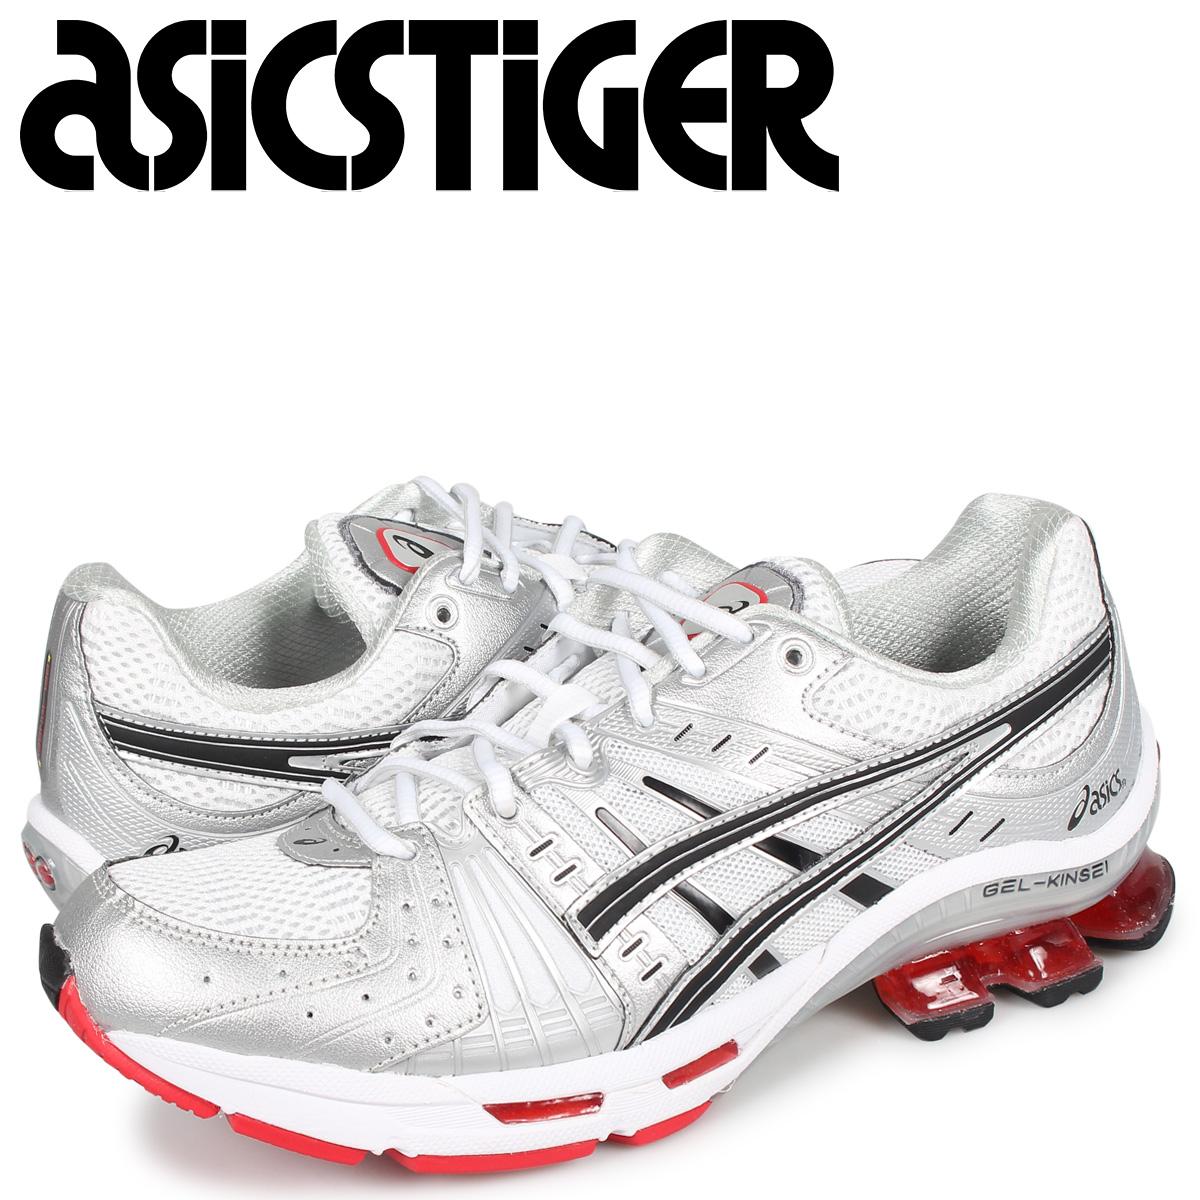 アシックスタイガー asics Tiger ゲル キンセイ スニーカー メンズ GEL-KINSEI OG ホワイト 白 1021A117-101